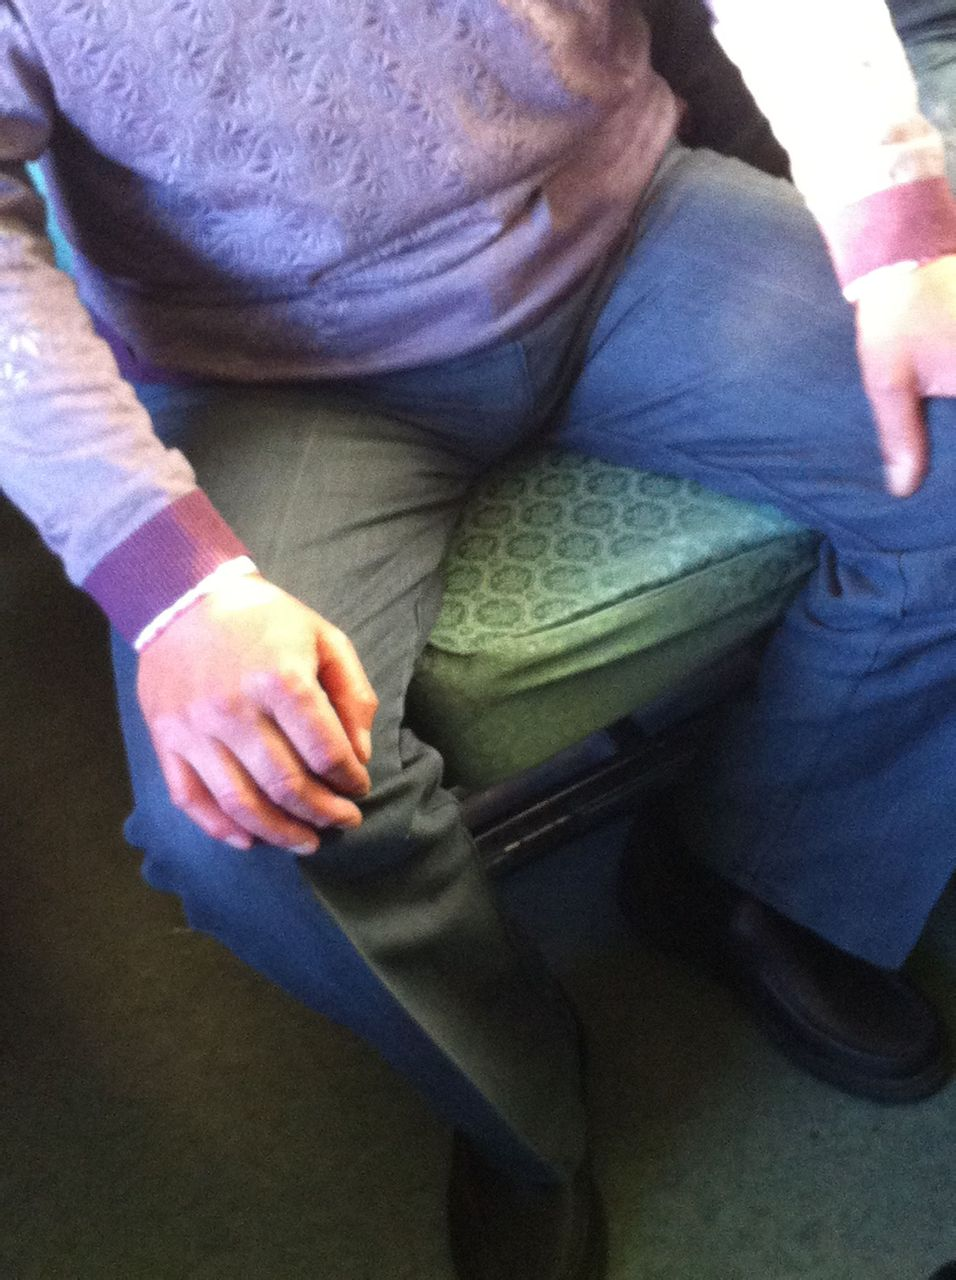 火车上偷帆布鞋